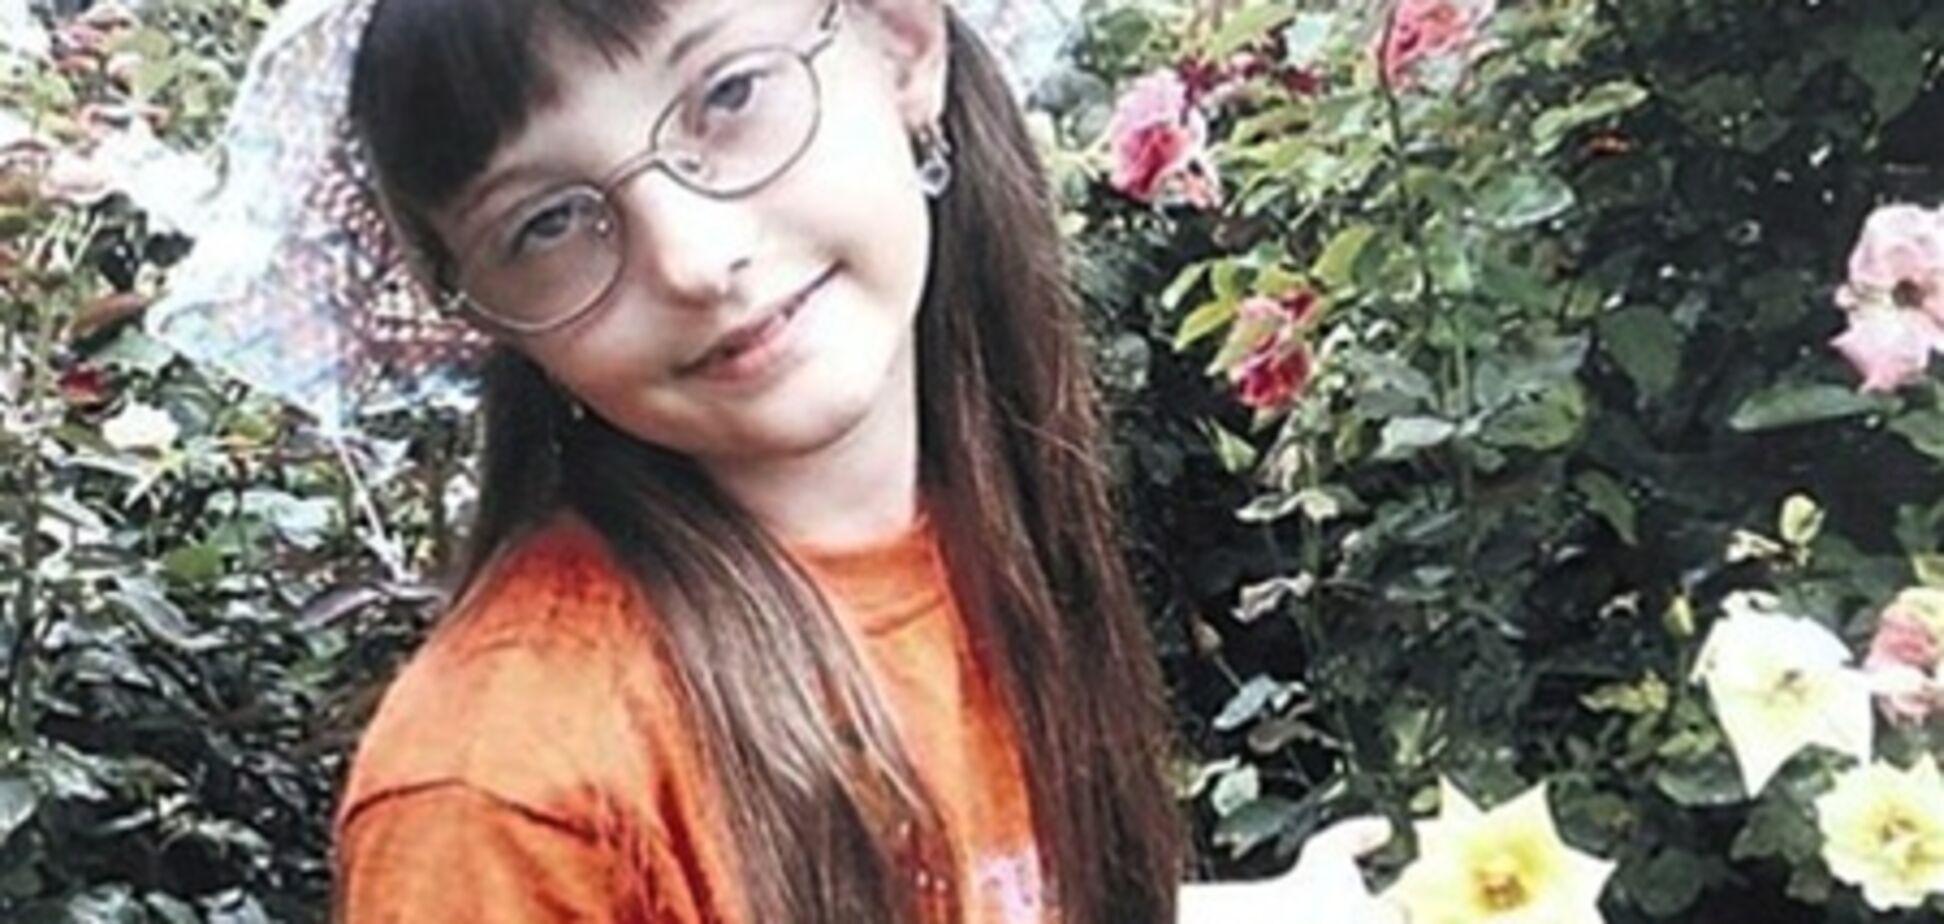 Загадочные суициды детей: милиция возбудила уголовное дело